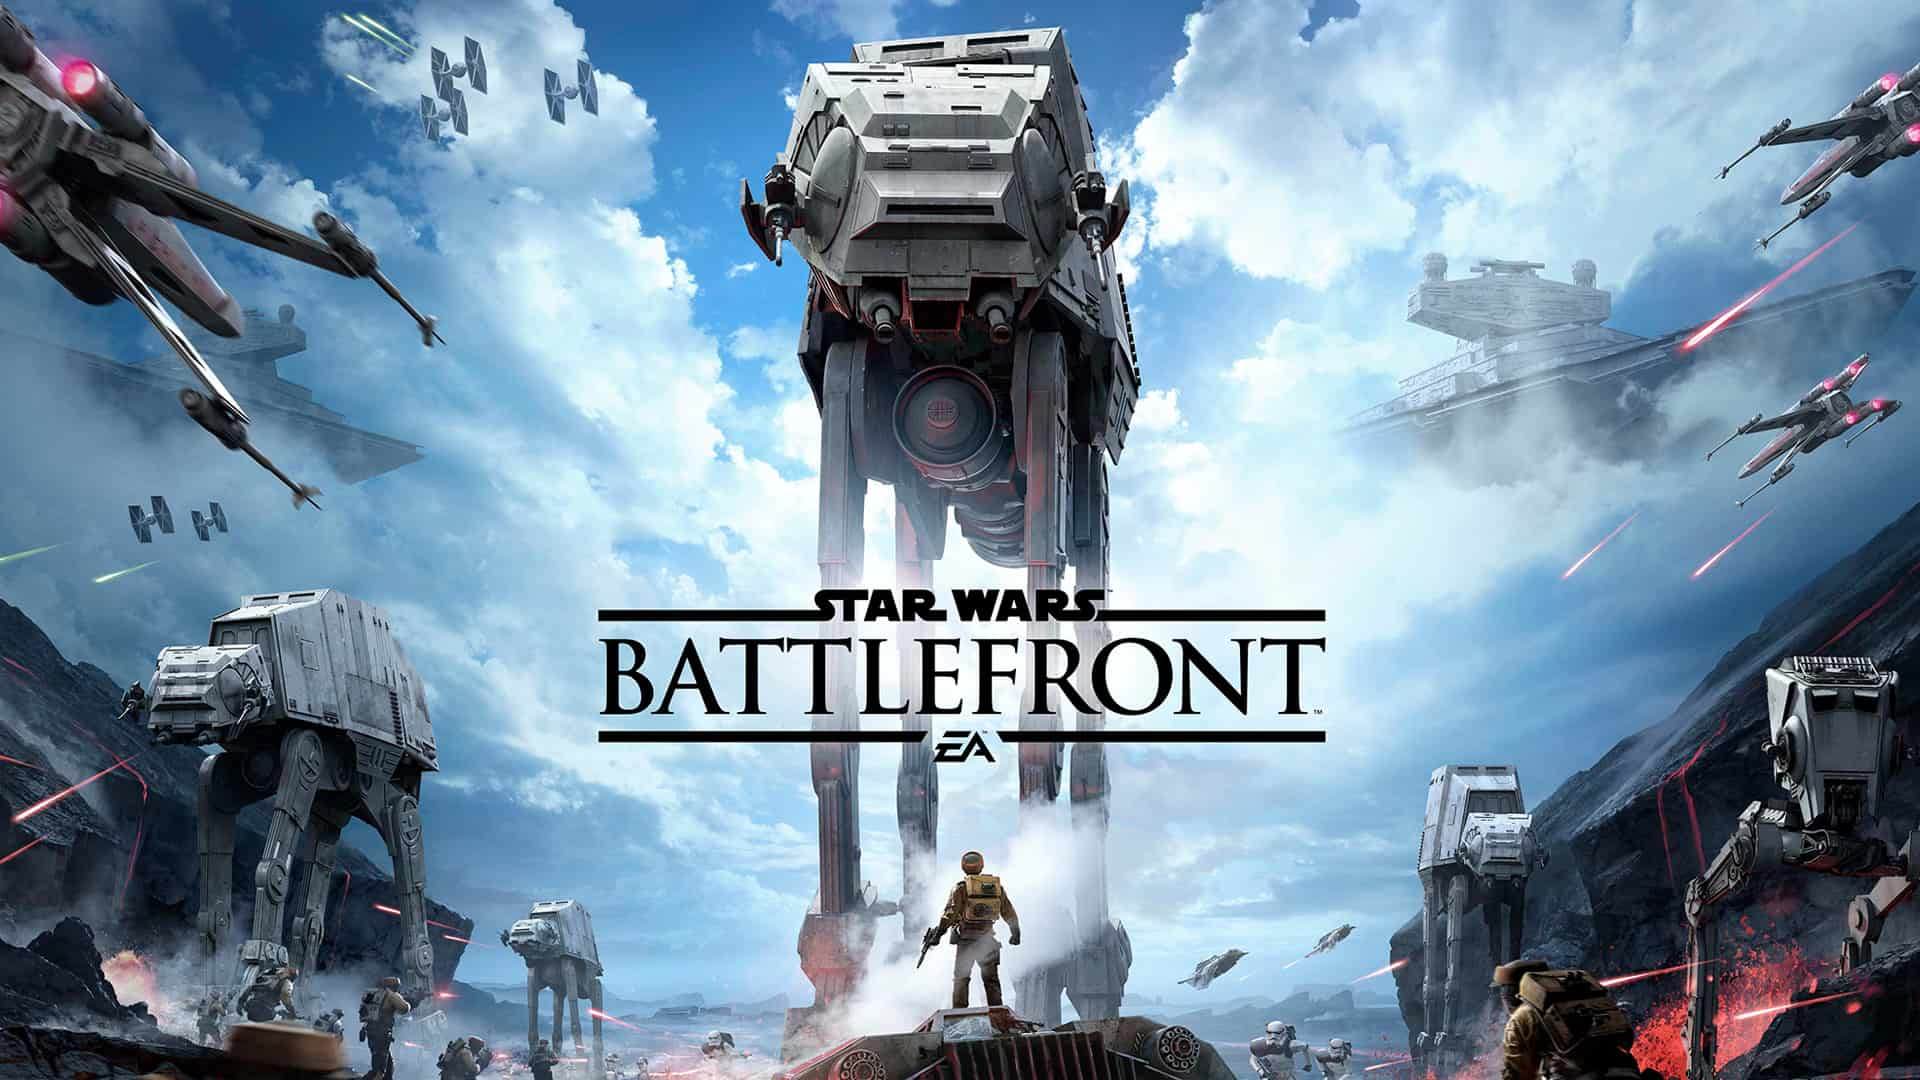 Best Selling PS4 Games - Star Wars Battlefront